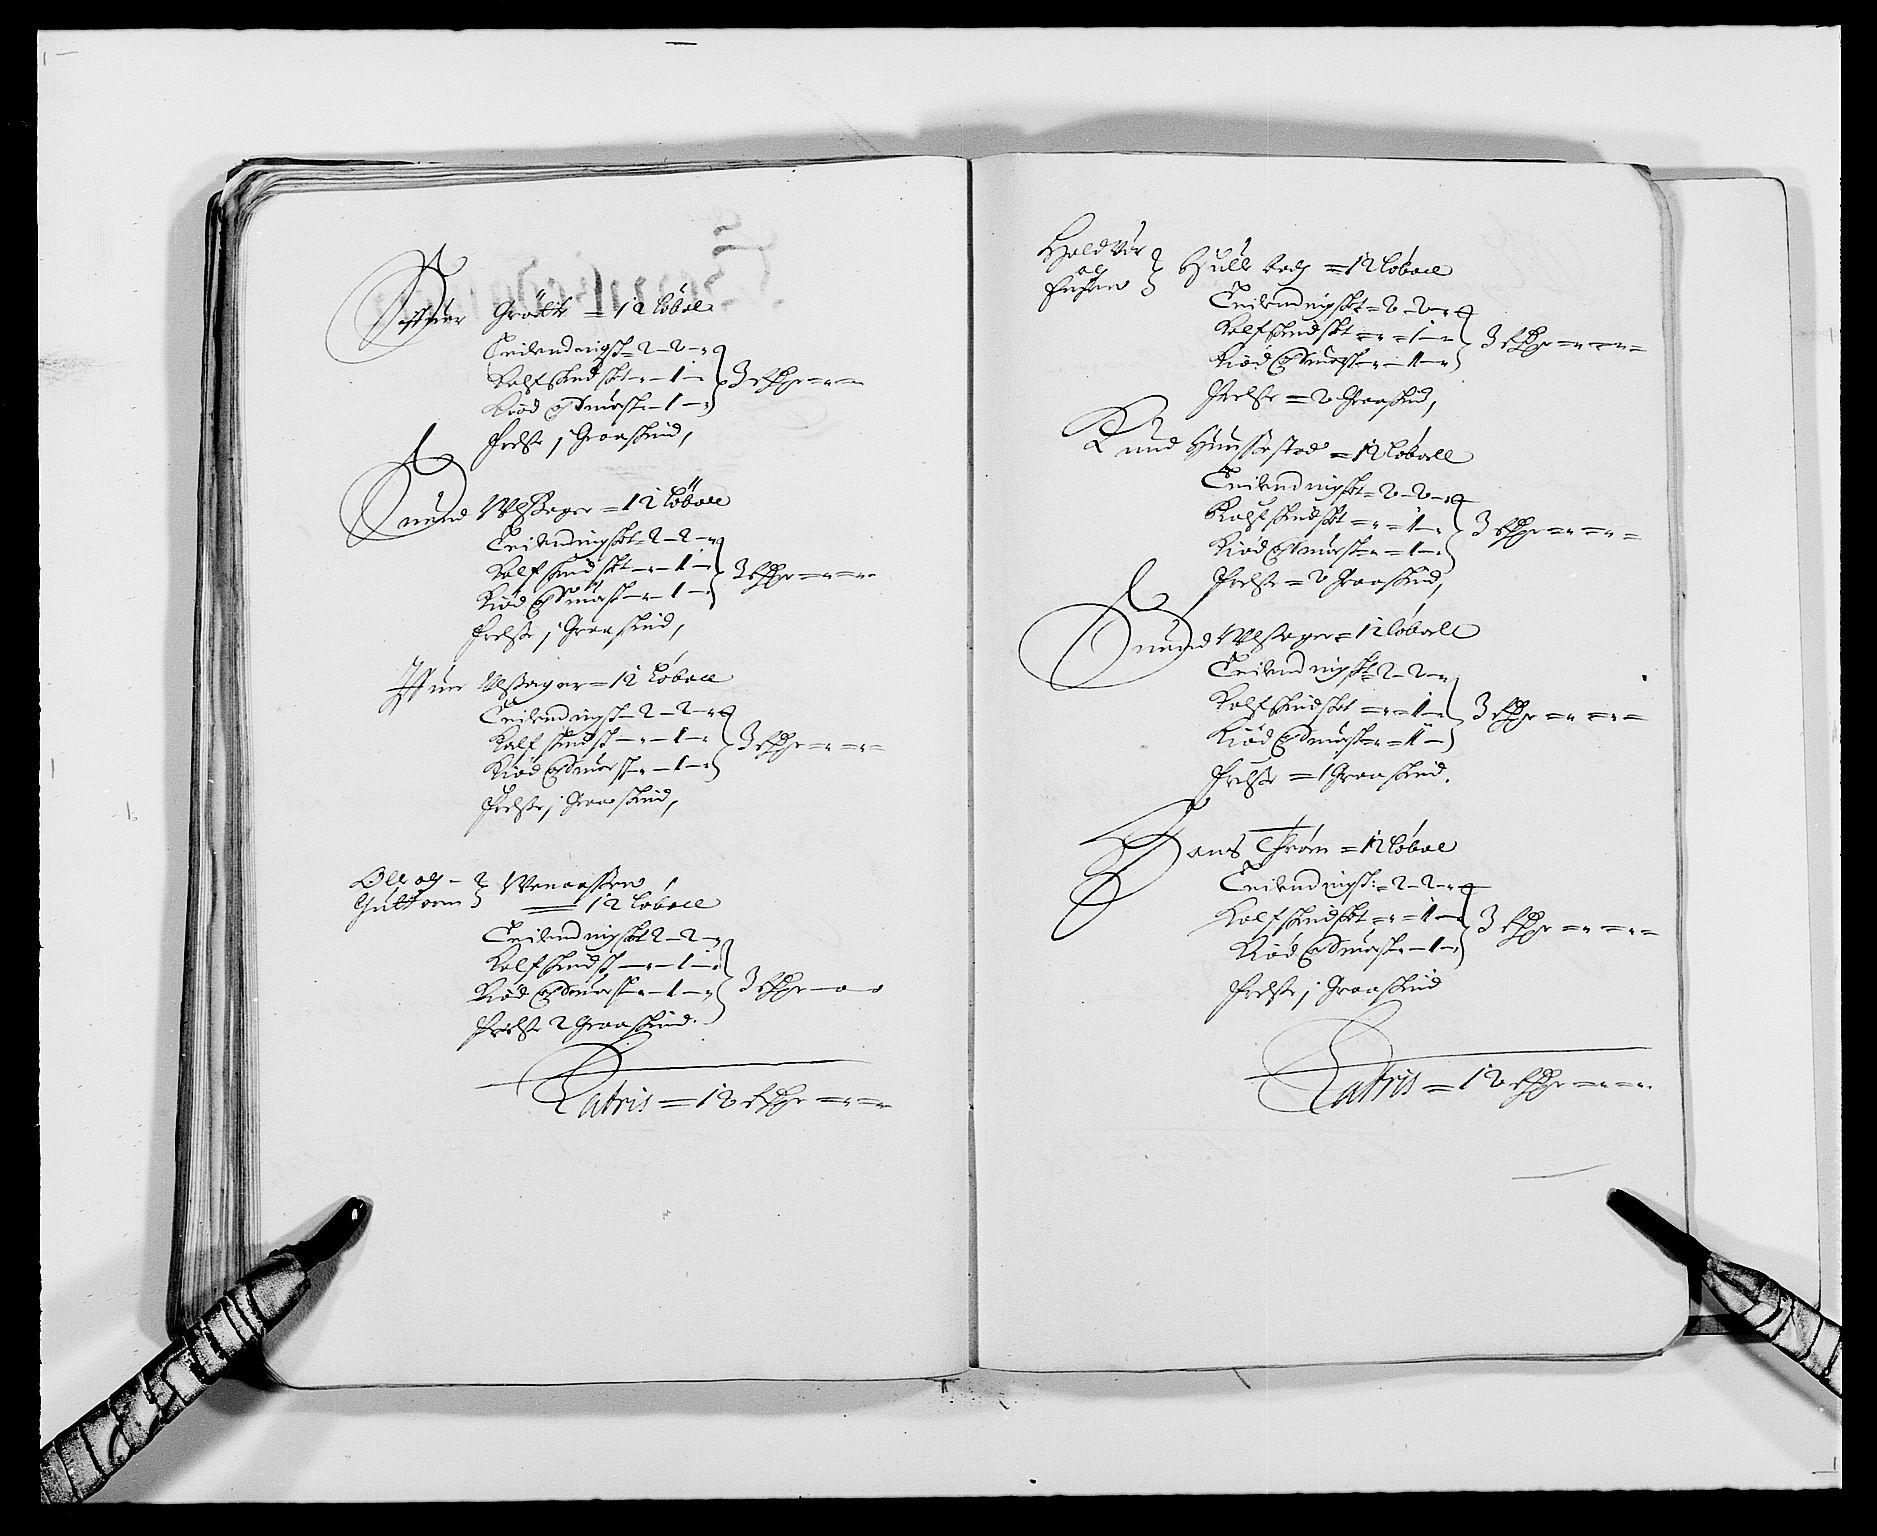 RA, Rentekammeret inntil 1814, Reviderte regnskaper, Fogderegnskap, R21/L1445: Fogderegnskap Ringerike og Hallingdal, 1681-1689, s. 340